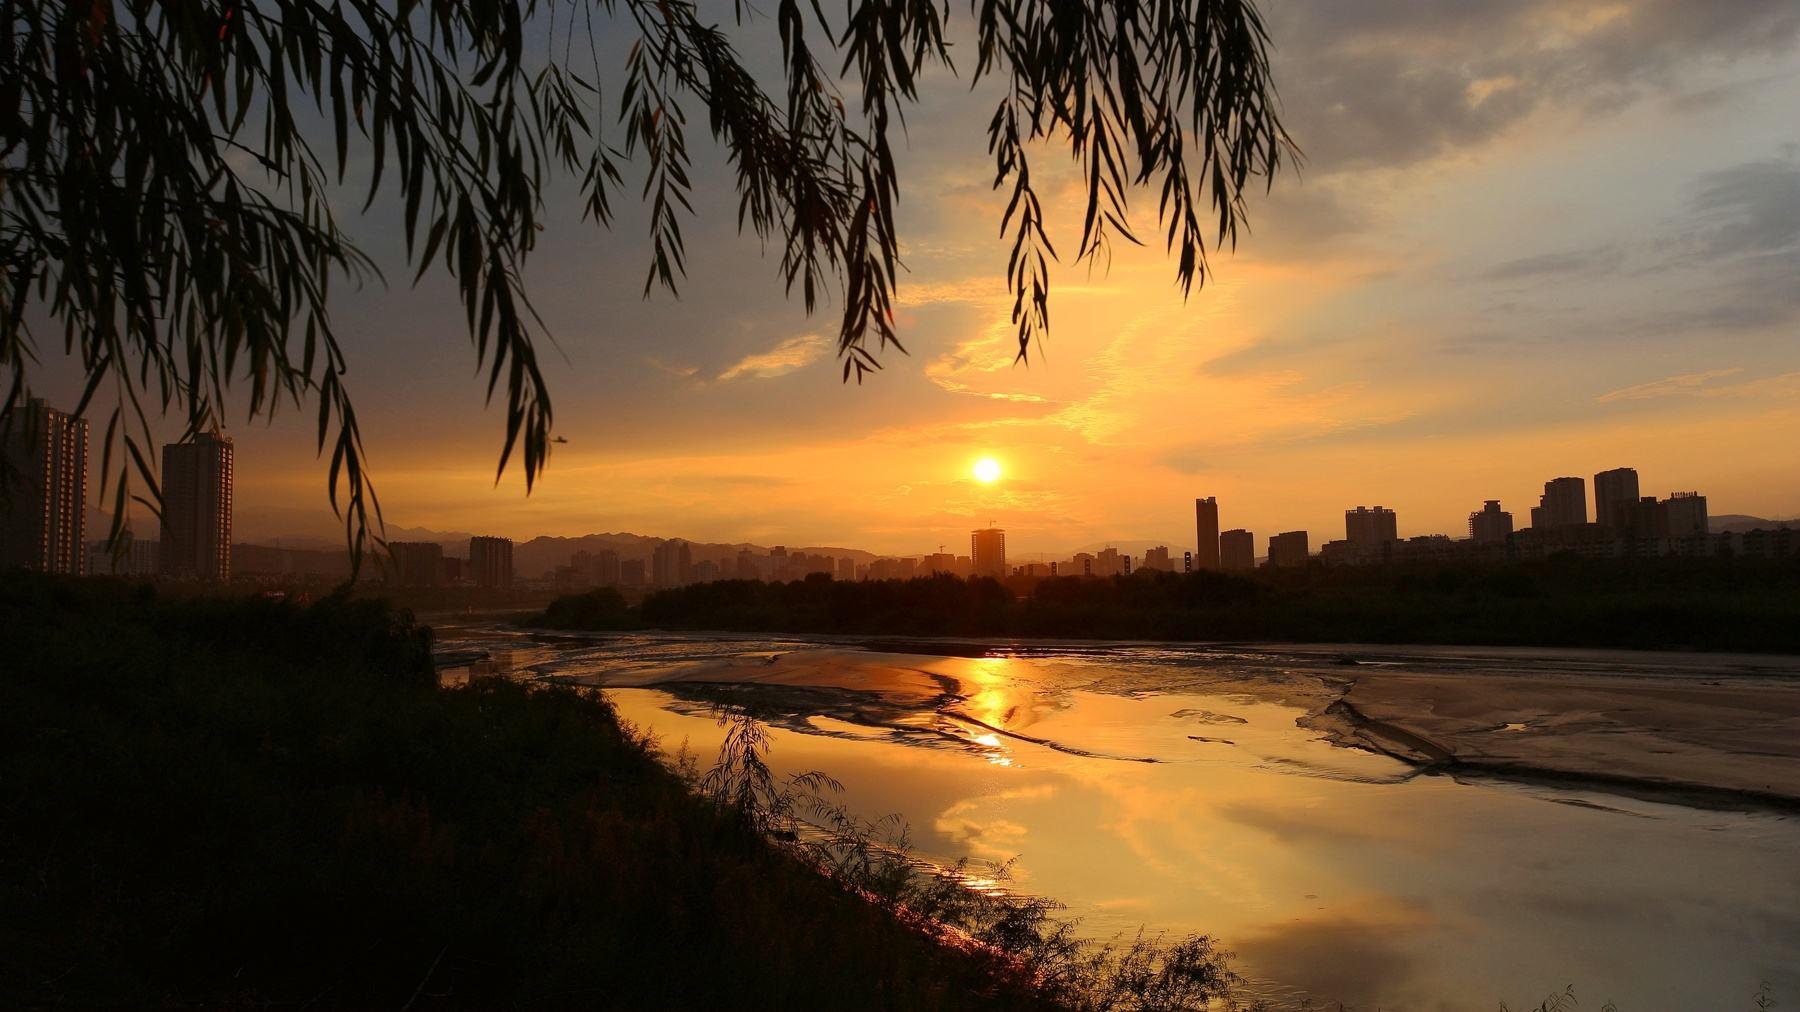 诸葛亮,一个三国顶级流量爱豆的成长史